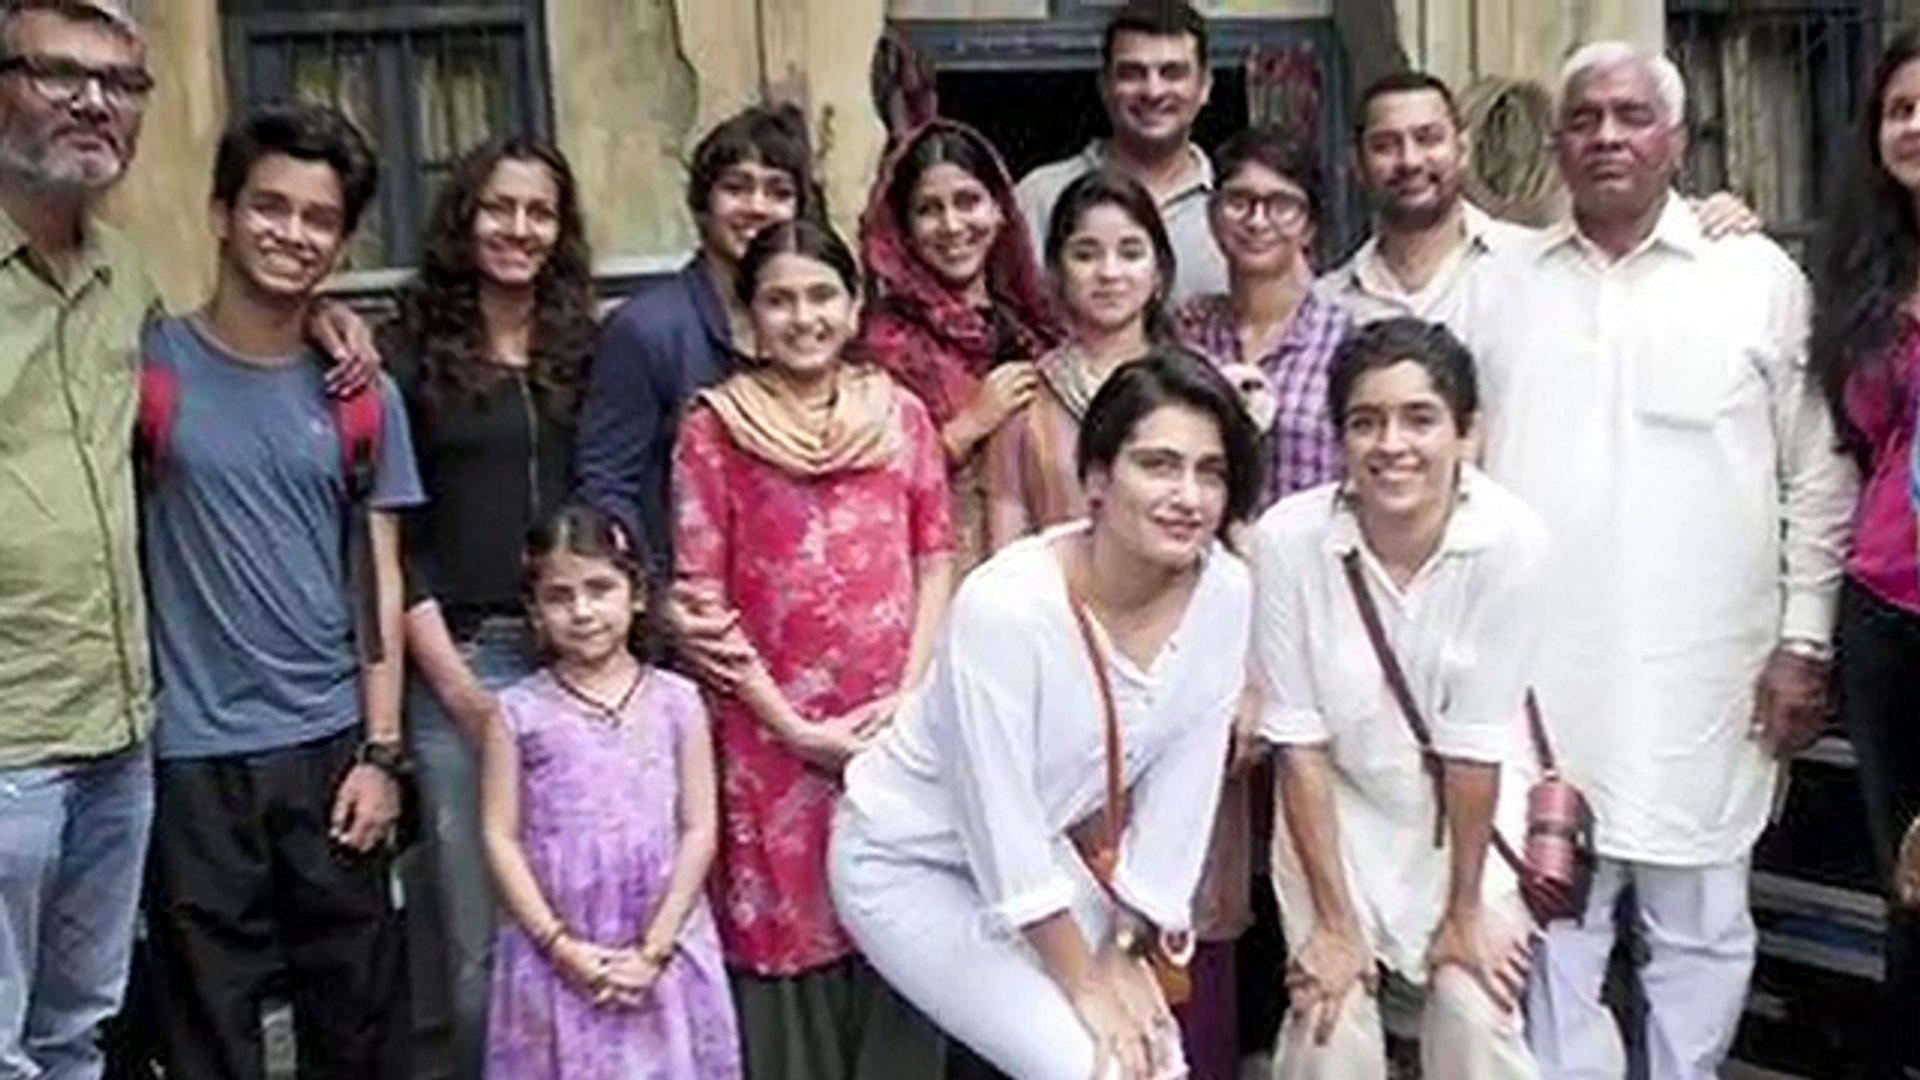 Dangal Movie Trailer 2016 Releasing on Diwali - Aamir Khan - New Hindi Movie Trailers 2016